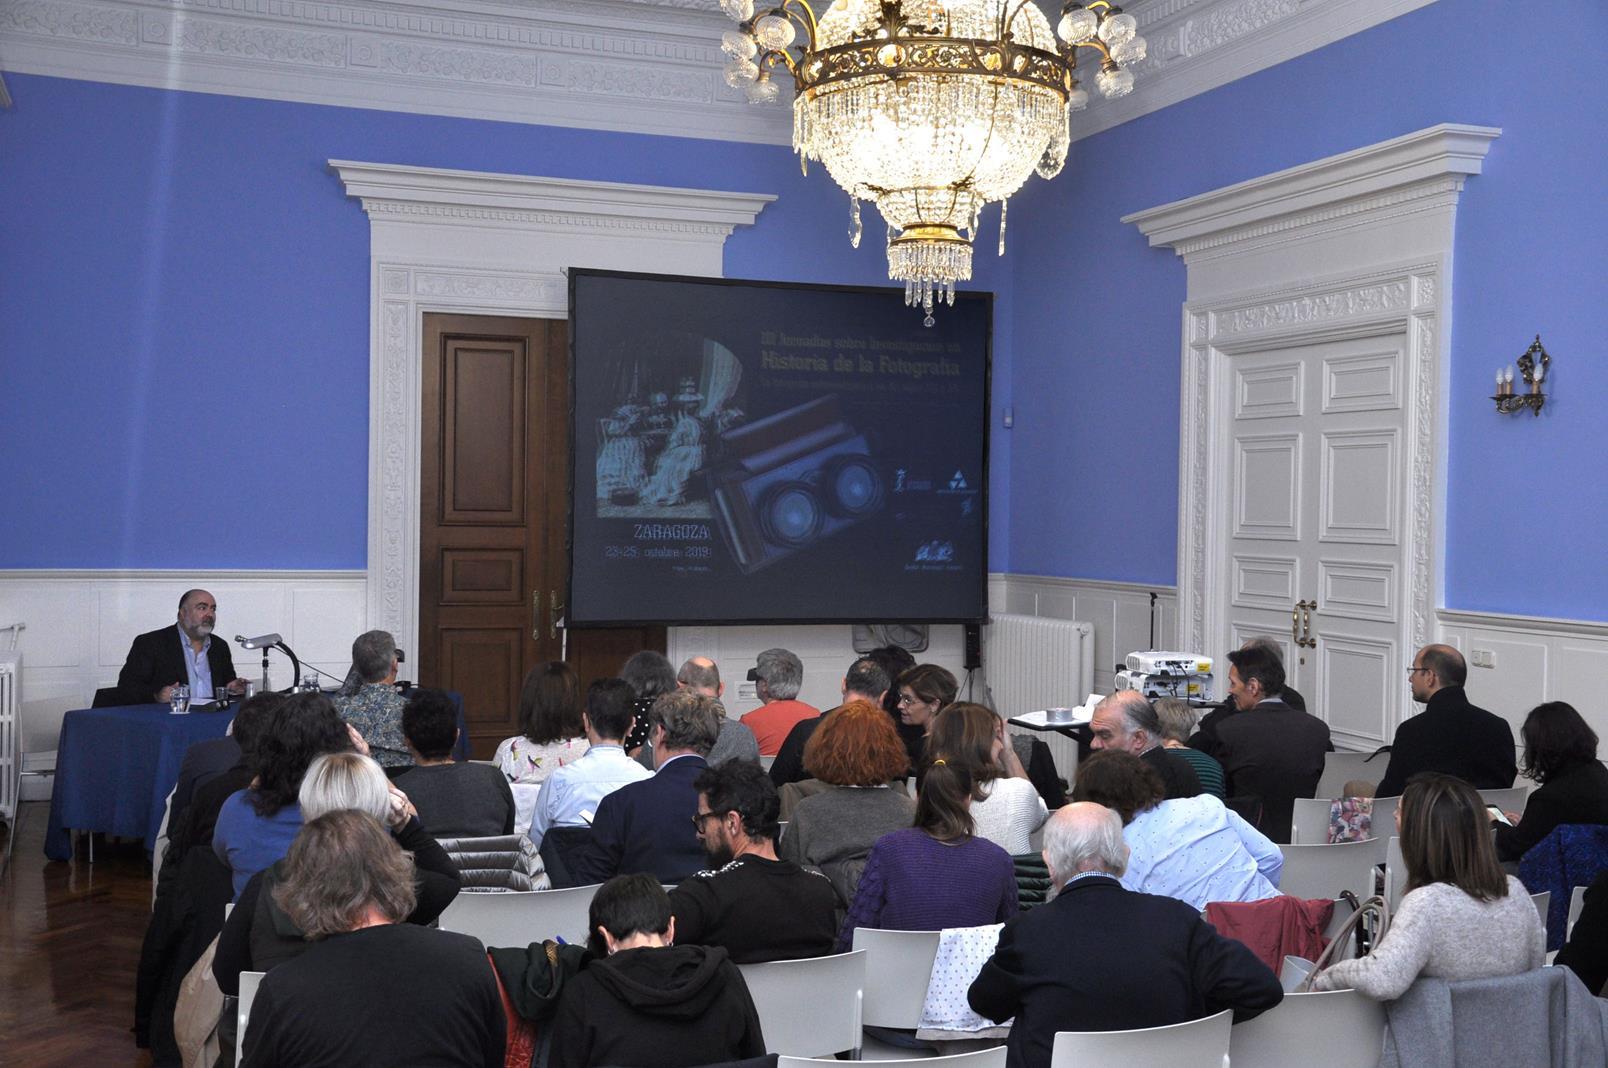 Presentación de las III Jornadas por J.A. Hernández Latas. 23/10/19